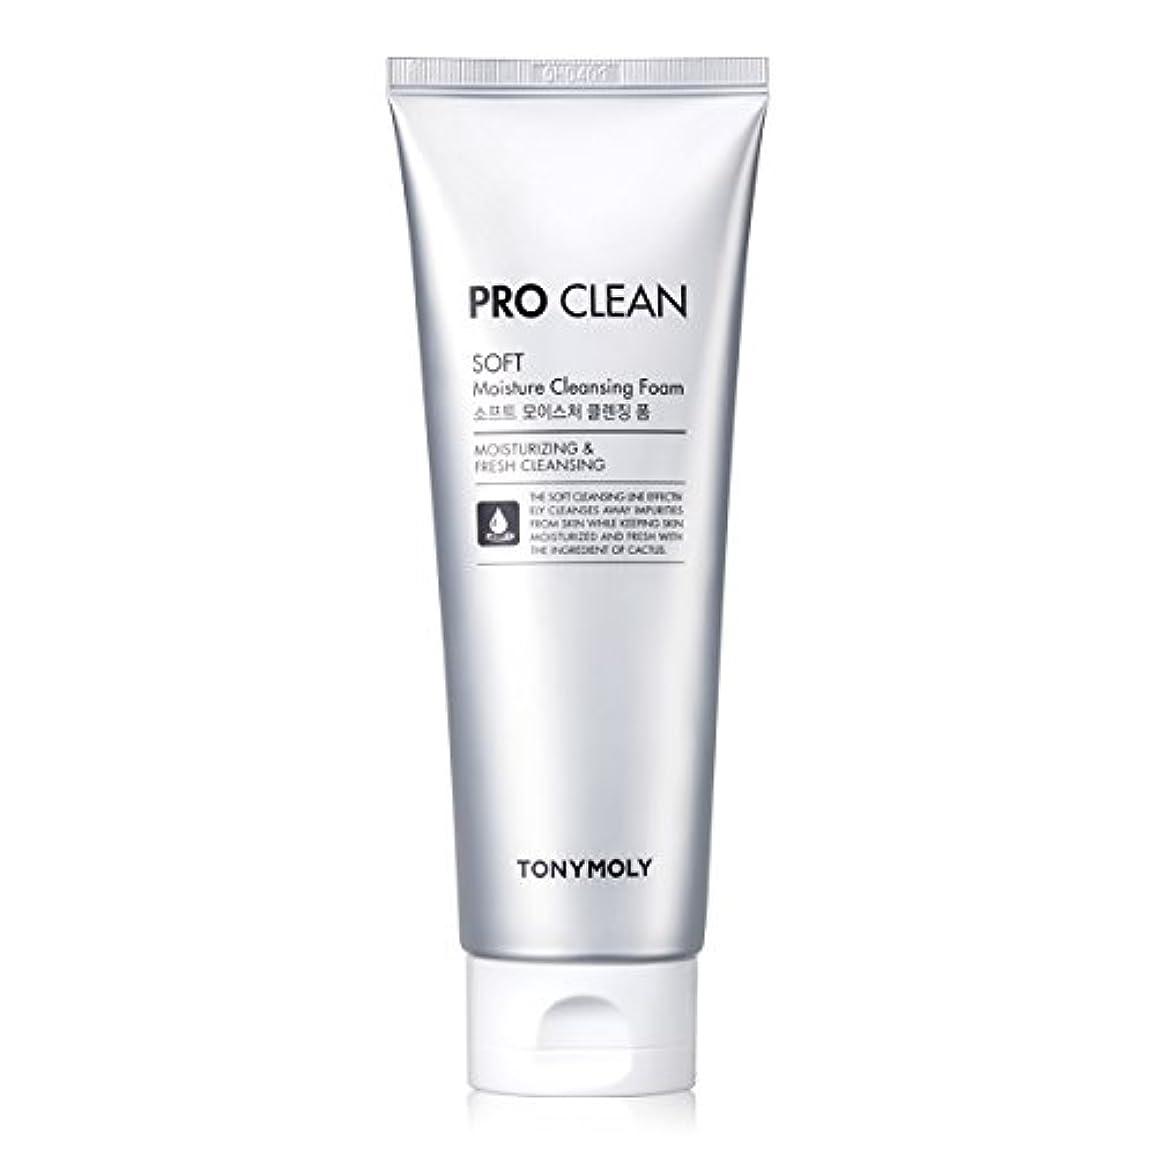 伝統フォーカスフレッシュ[New] TONYMOLY Pro Clean Soft Moisture Cleansing Foam 150ml/トニーモリー プロ クリーン ソフト モイスチャー クレンジングフォーム 150ml [並行輸入品]